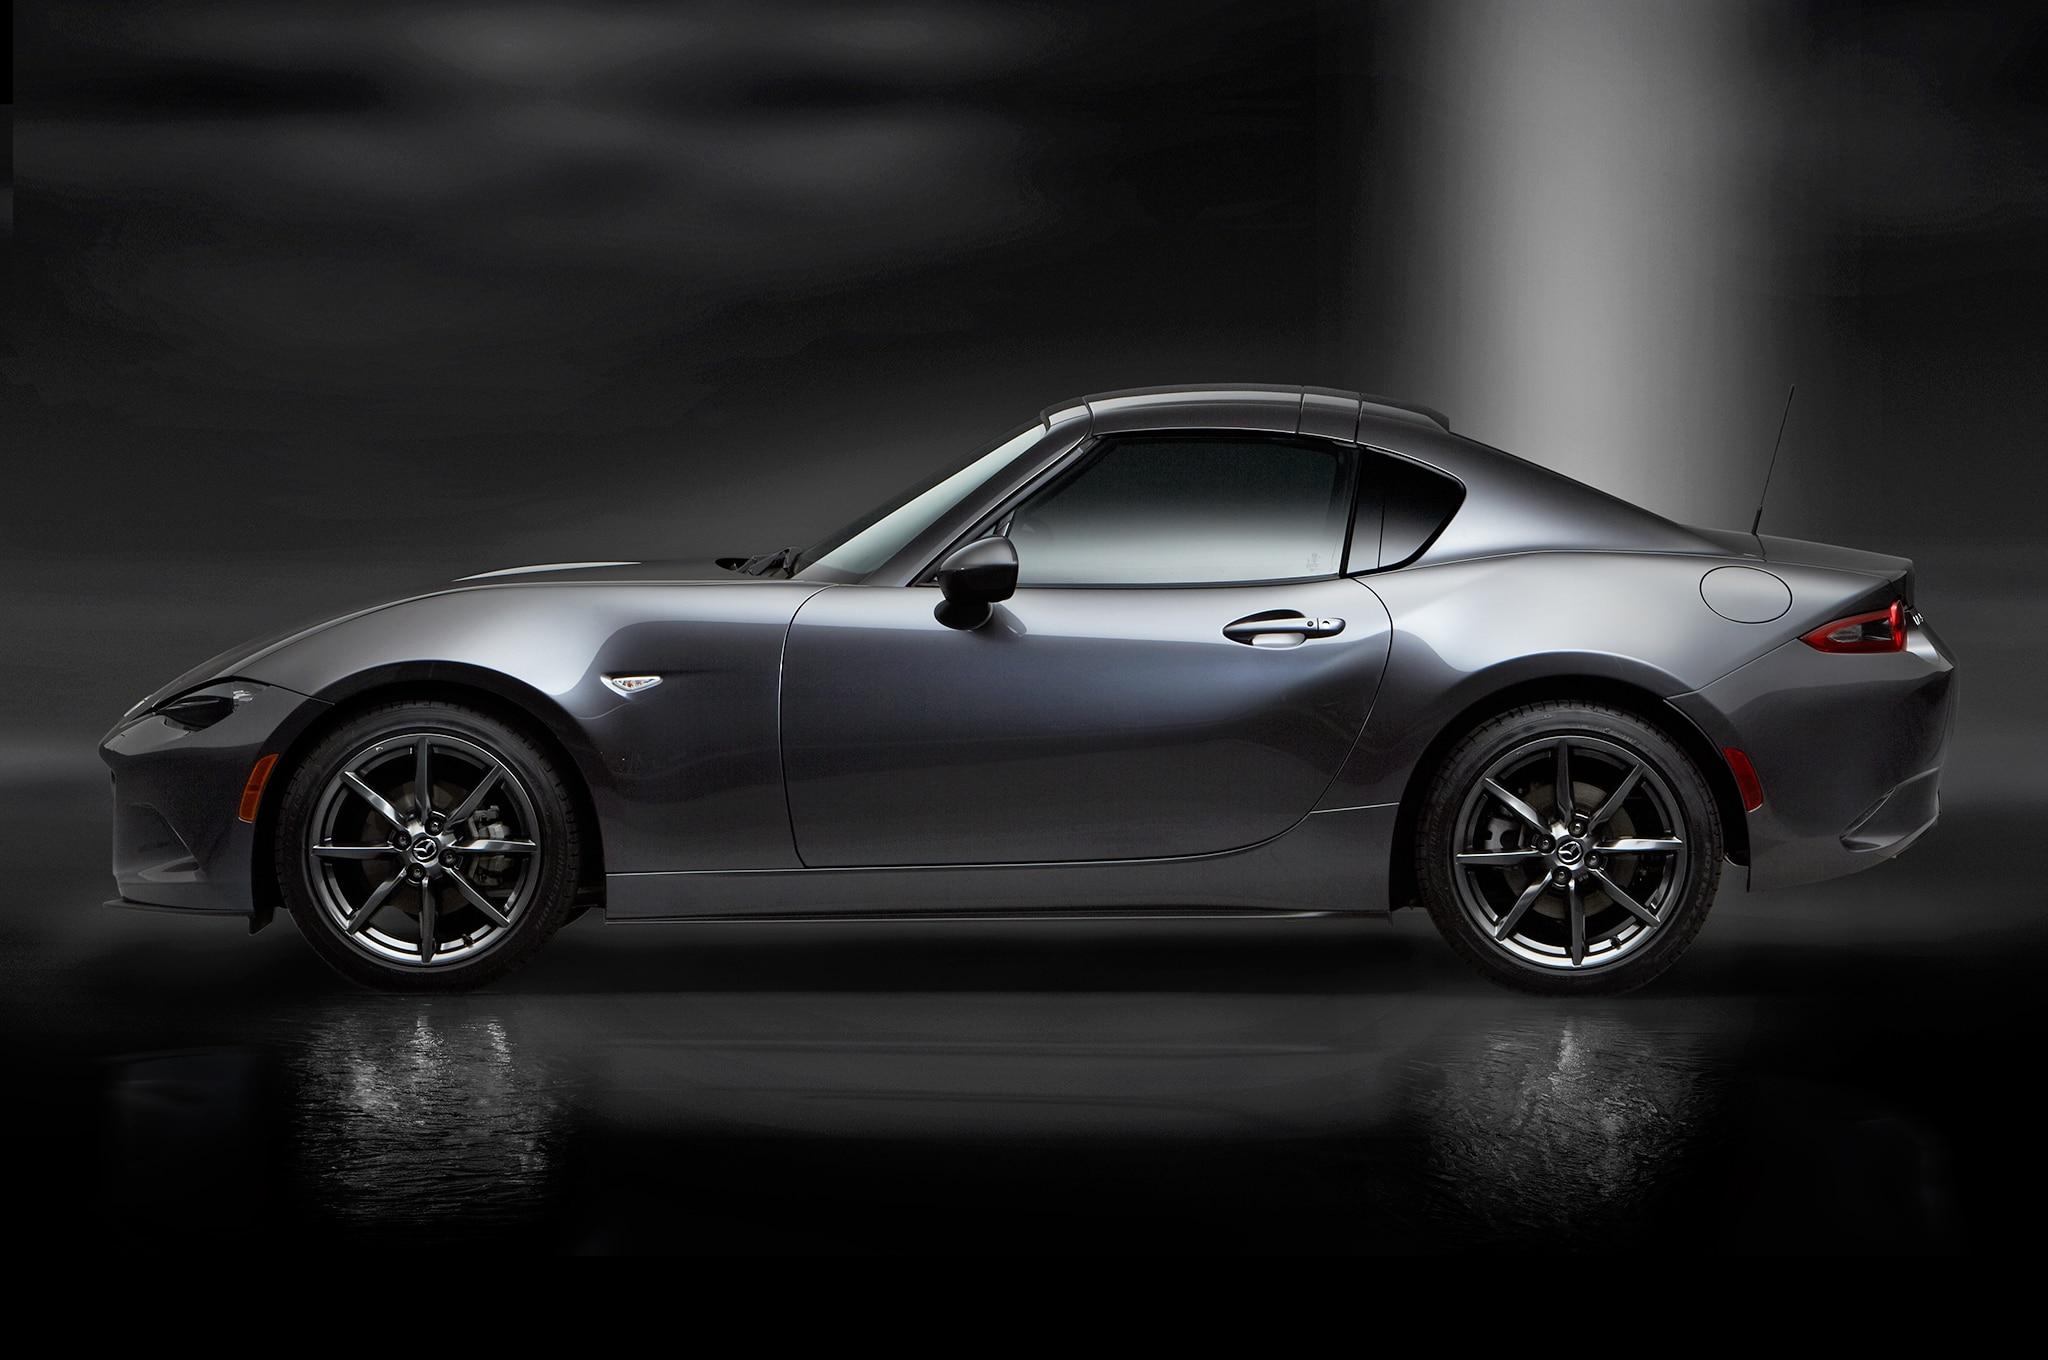 2017 Mazda Mx 5 Miata Rf Launch Edition >> 2017 Mazda MX-5 Miata RF Launch Edition Starts at $34,685 | Automobile Magazine